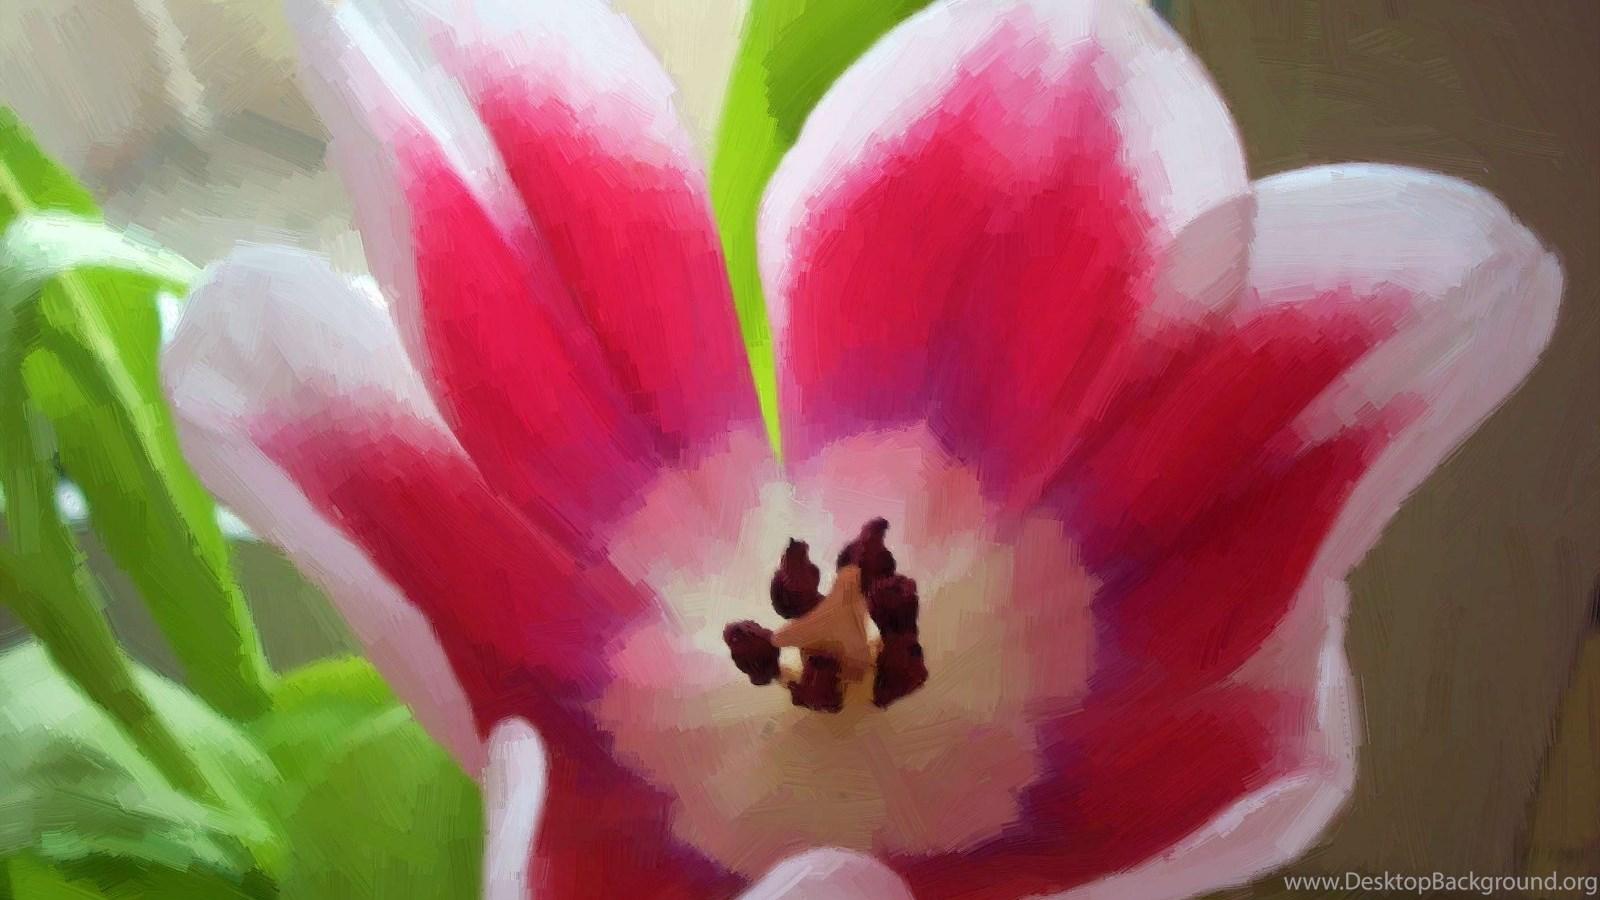 Beautiful Flowers In The World Wallpapers Photo Uncalke Desktop